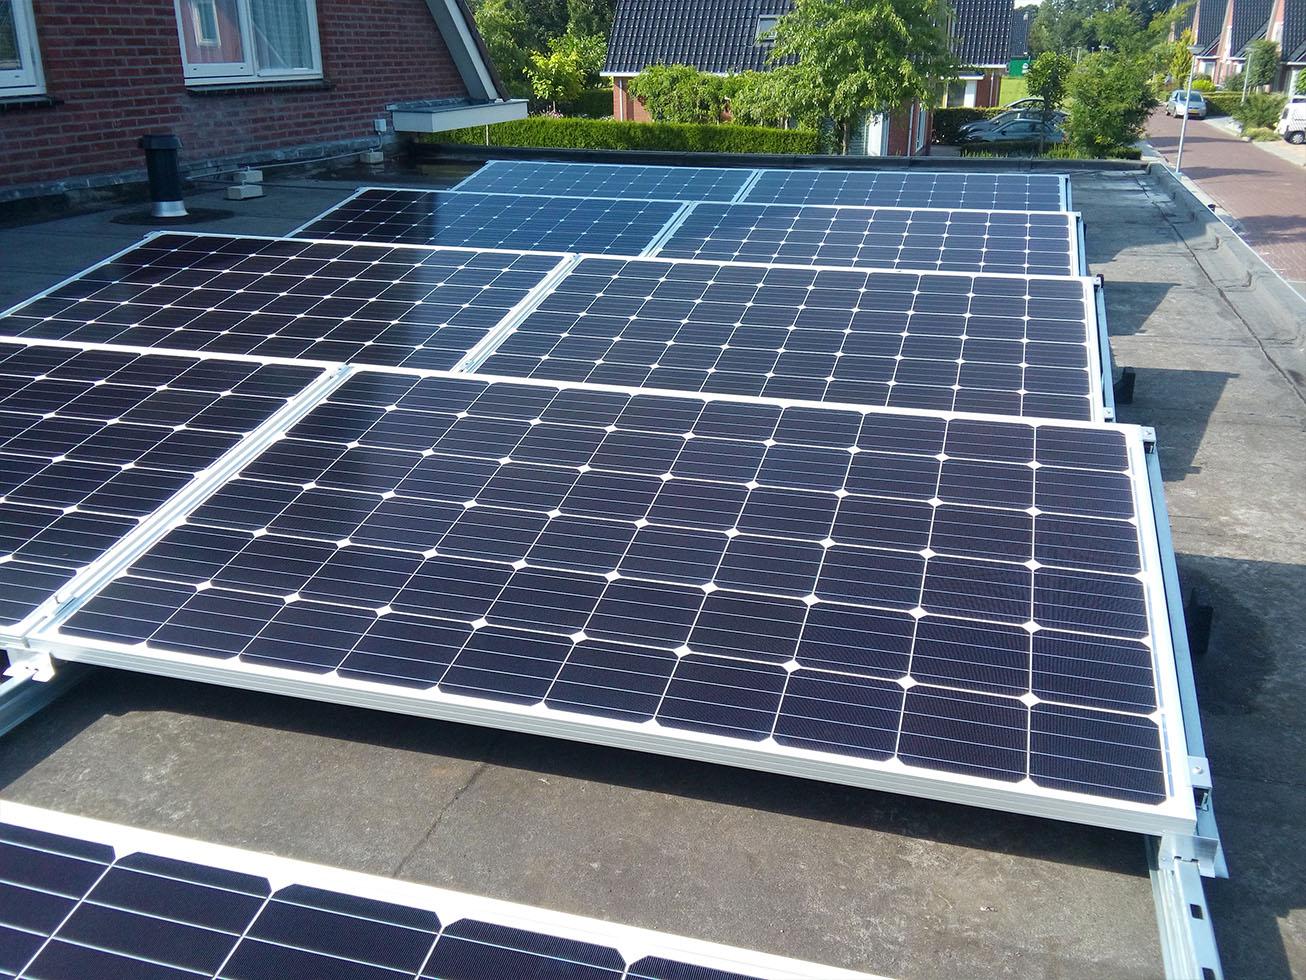 Zonnepanelen platdak mijn energiefabriek zonnepanelen op bitumen